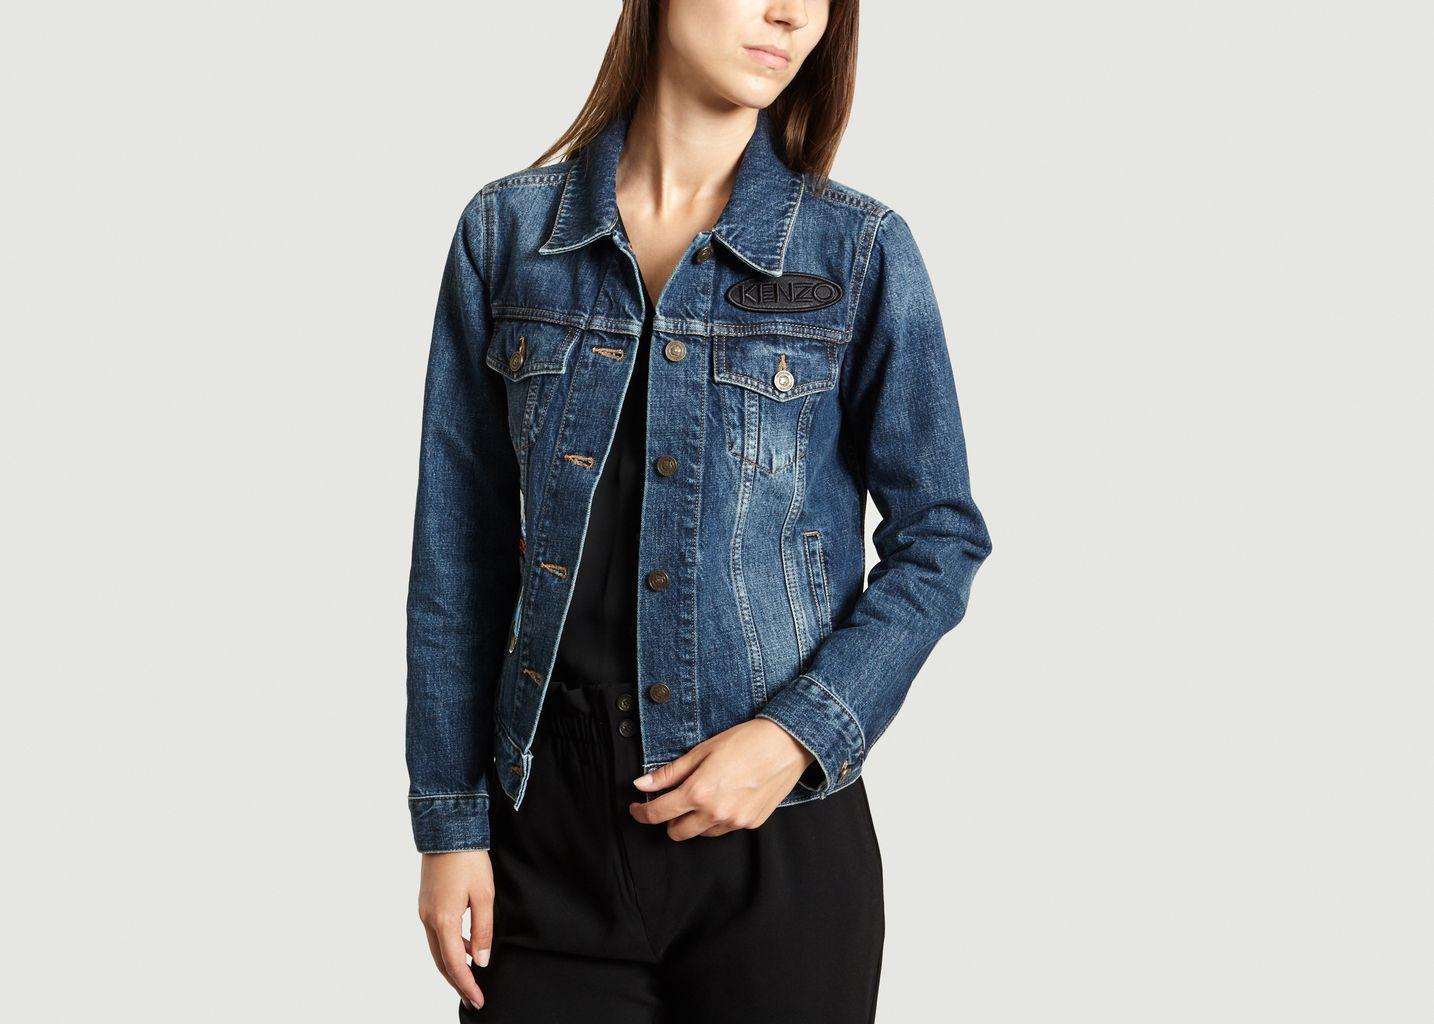 veste patchs kenzo bleu marine l 39 exception. Black Bedroom Furniture Sets. Home Design Ideas